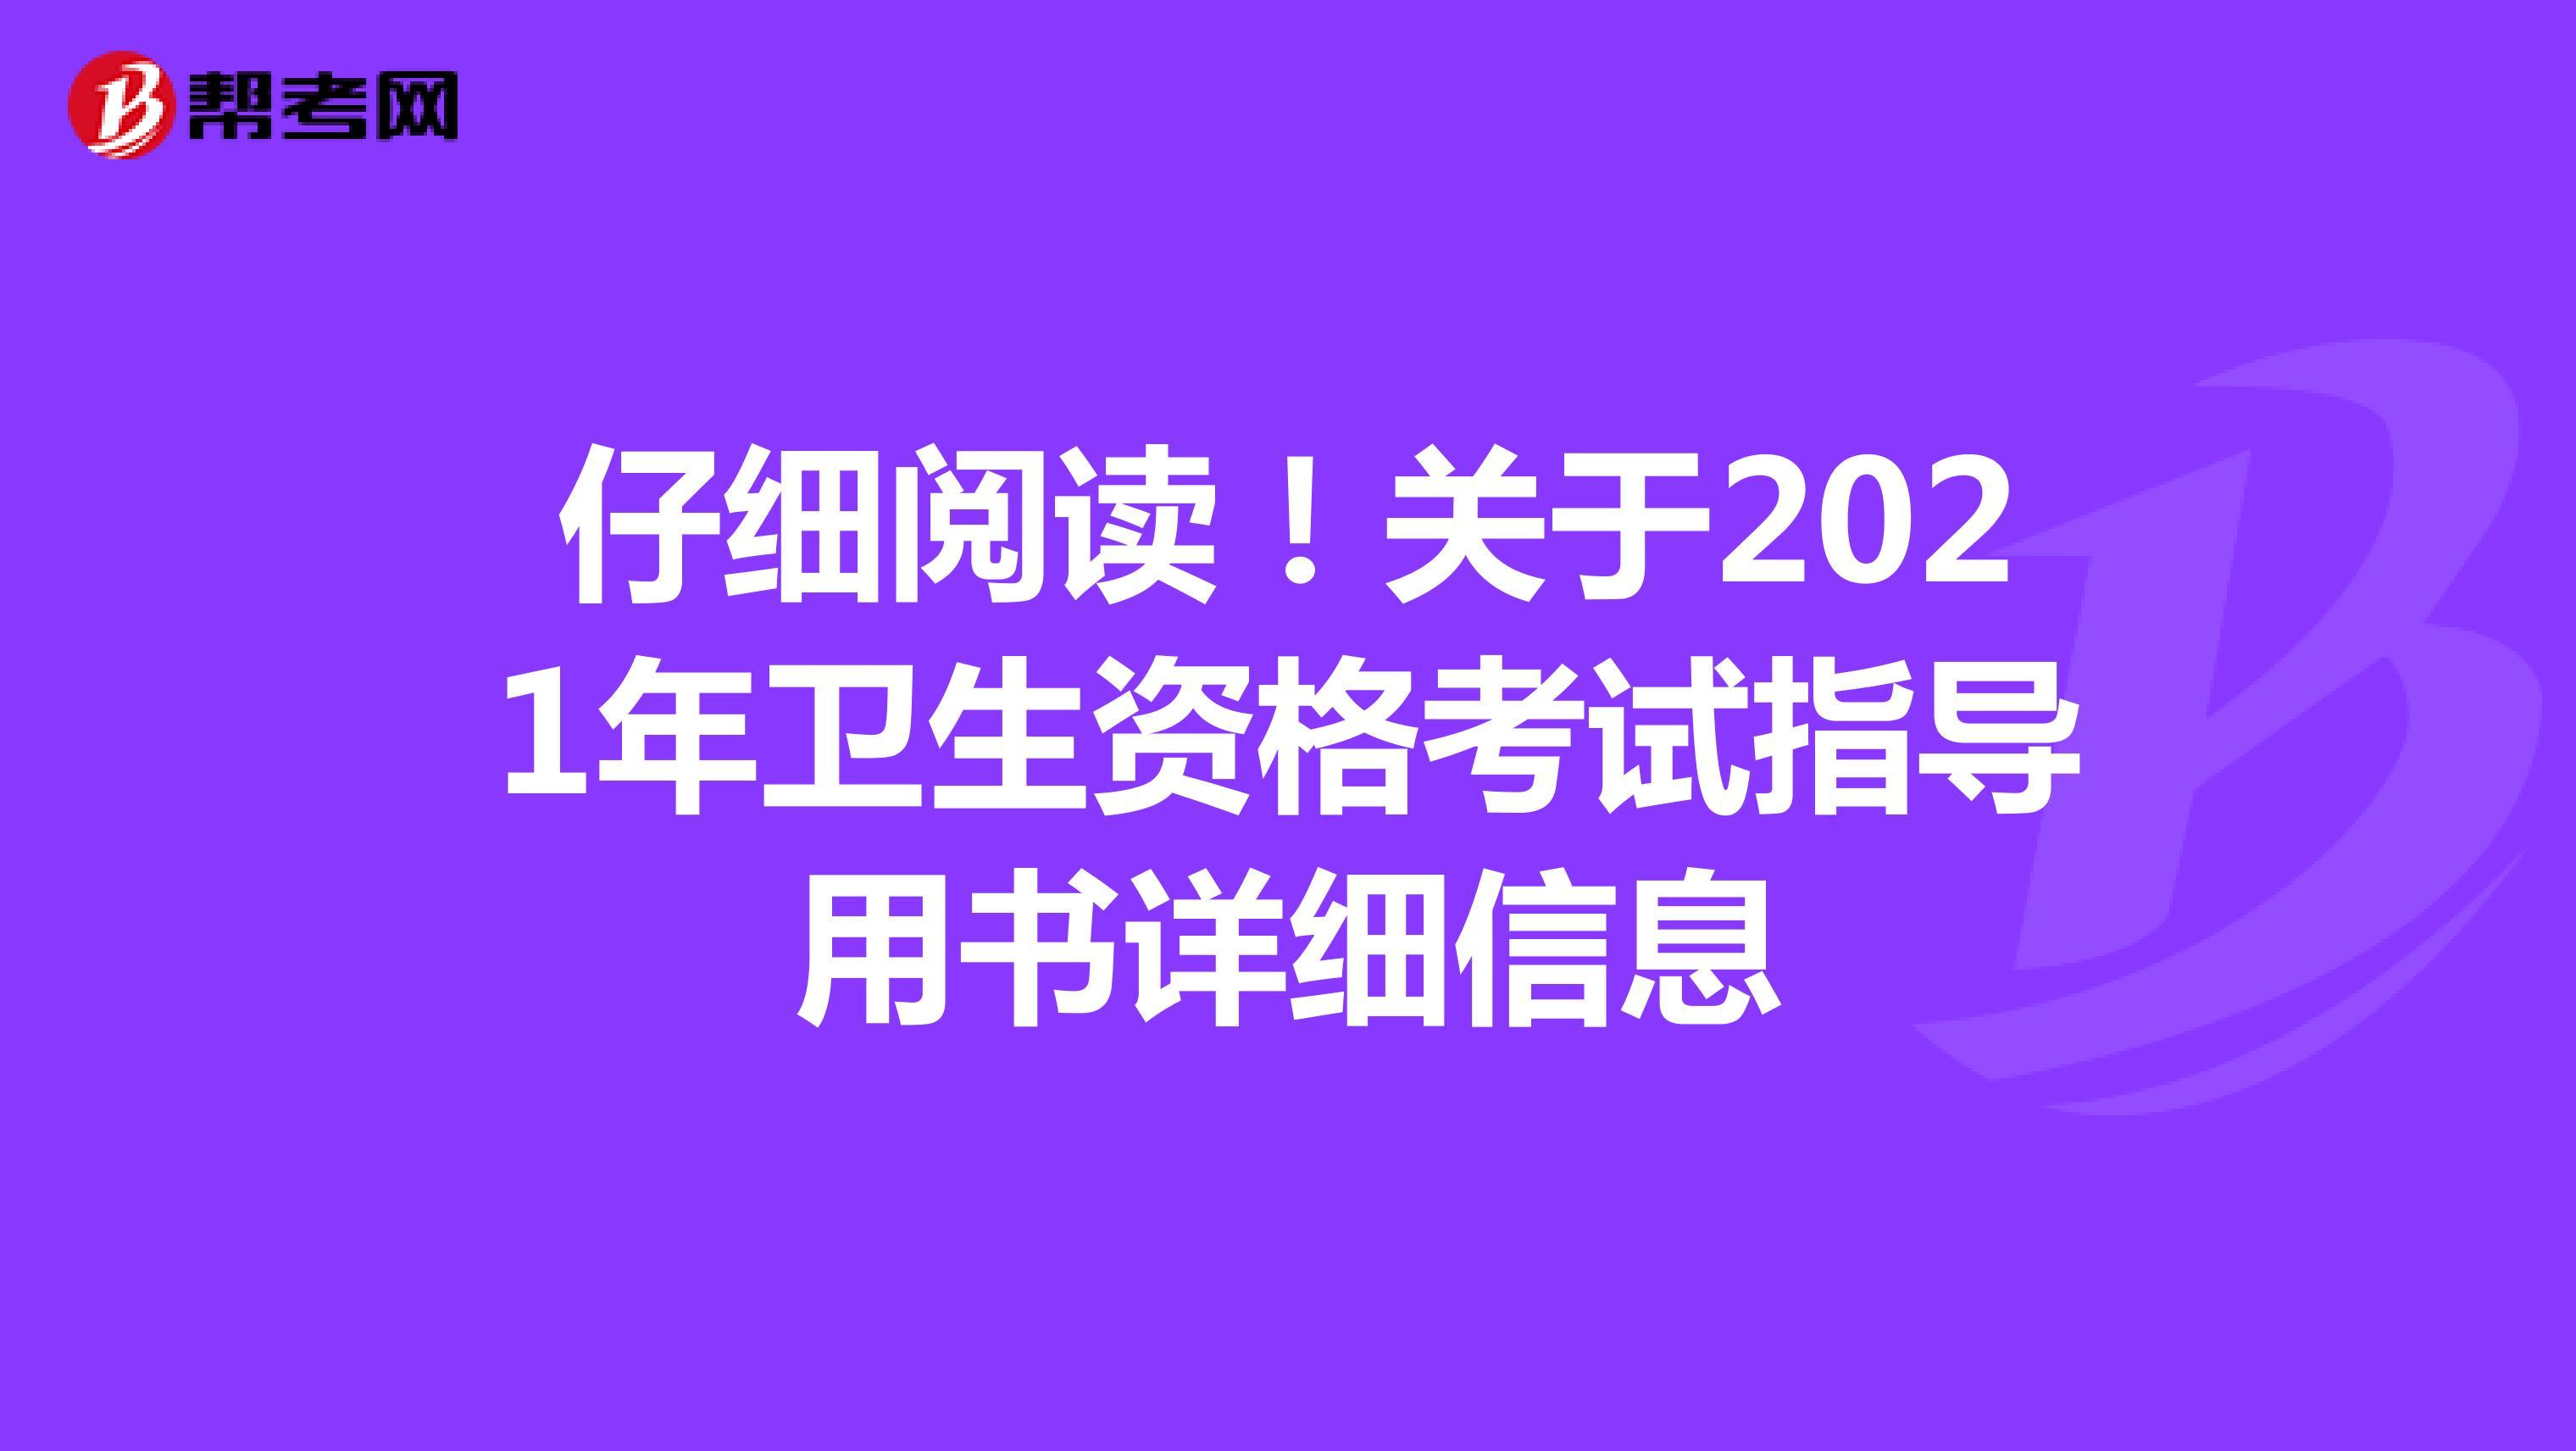 仔细阅读!关于2021年卫生资格考试指导用书详细信息